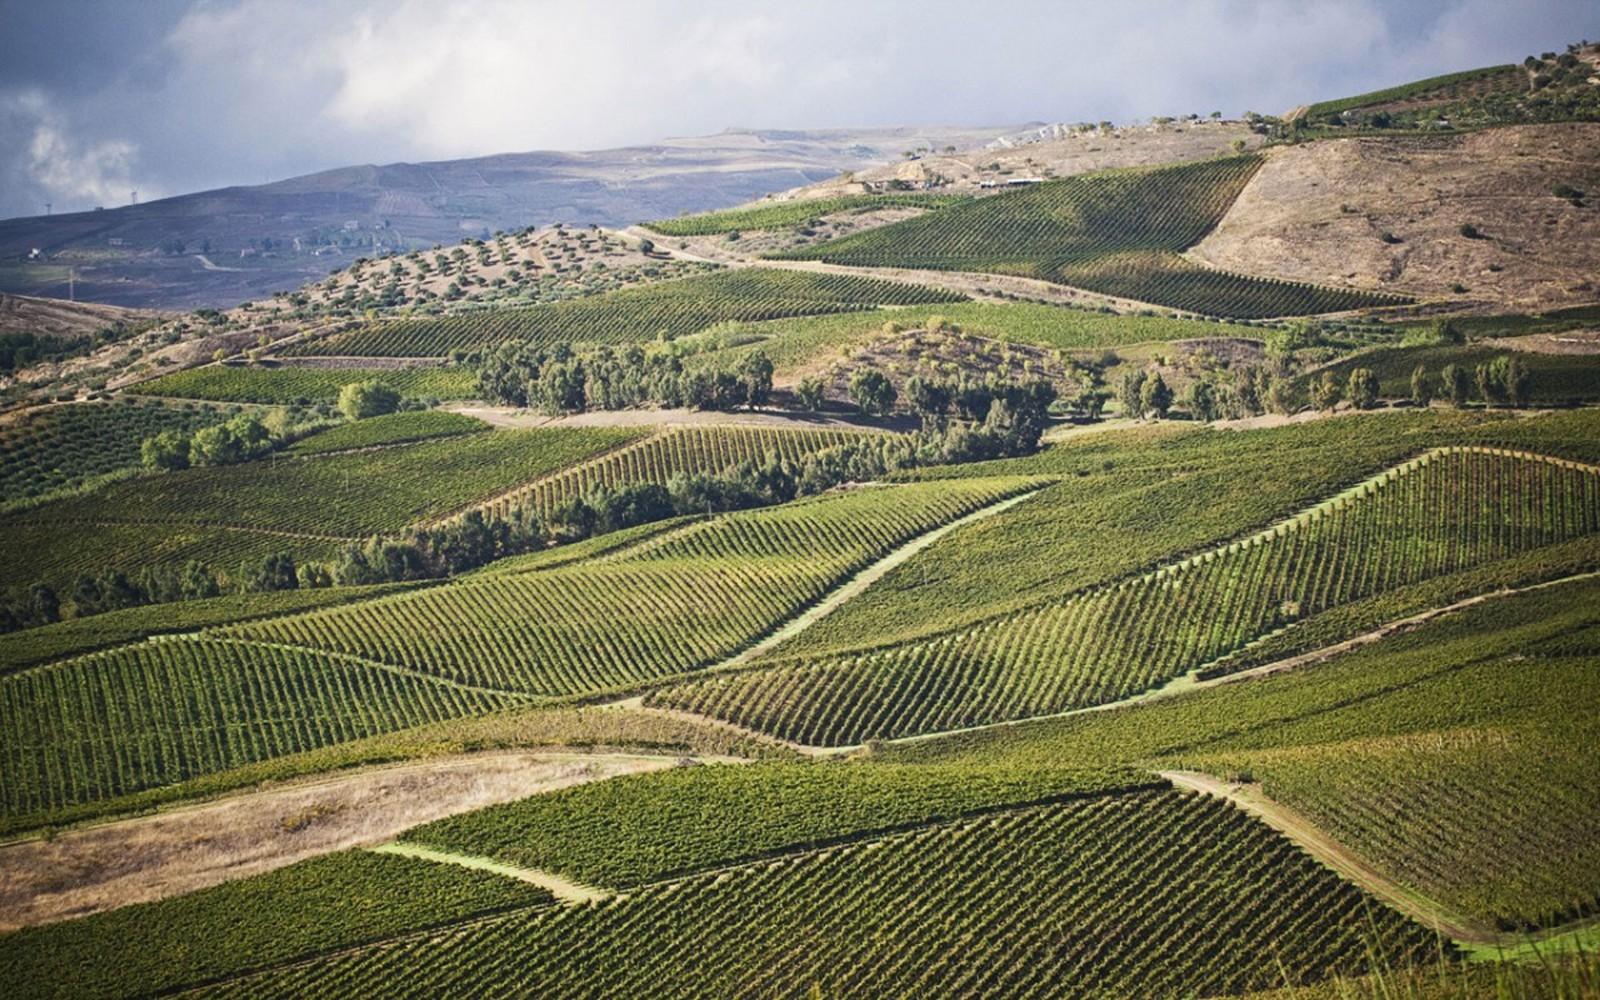 In Sicilia vino fa rima con sostenibilità ambientale...